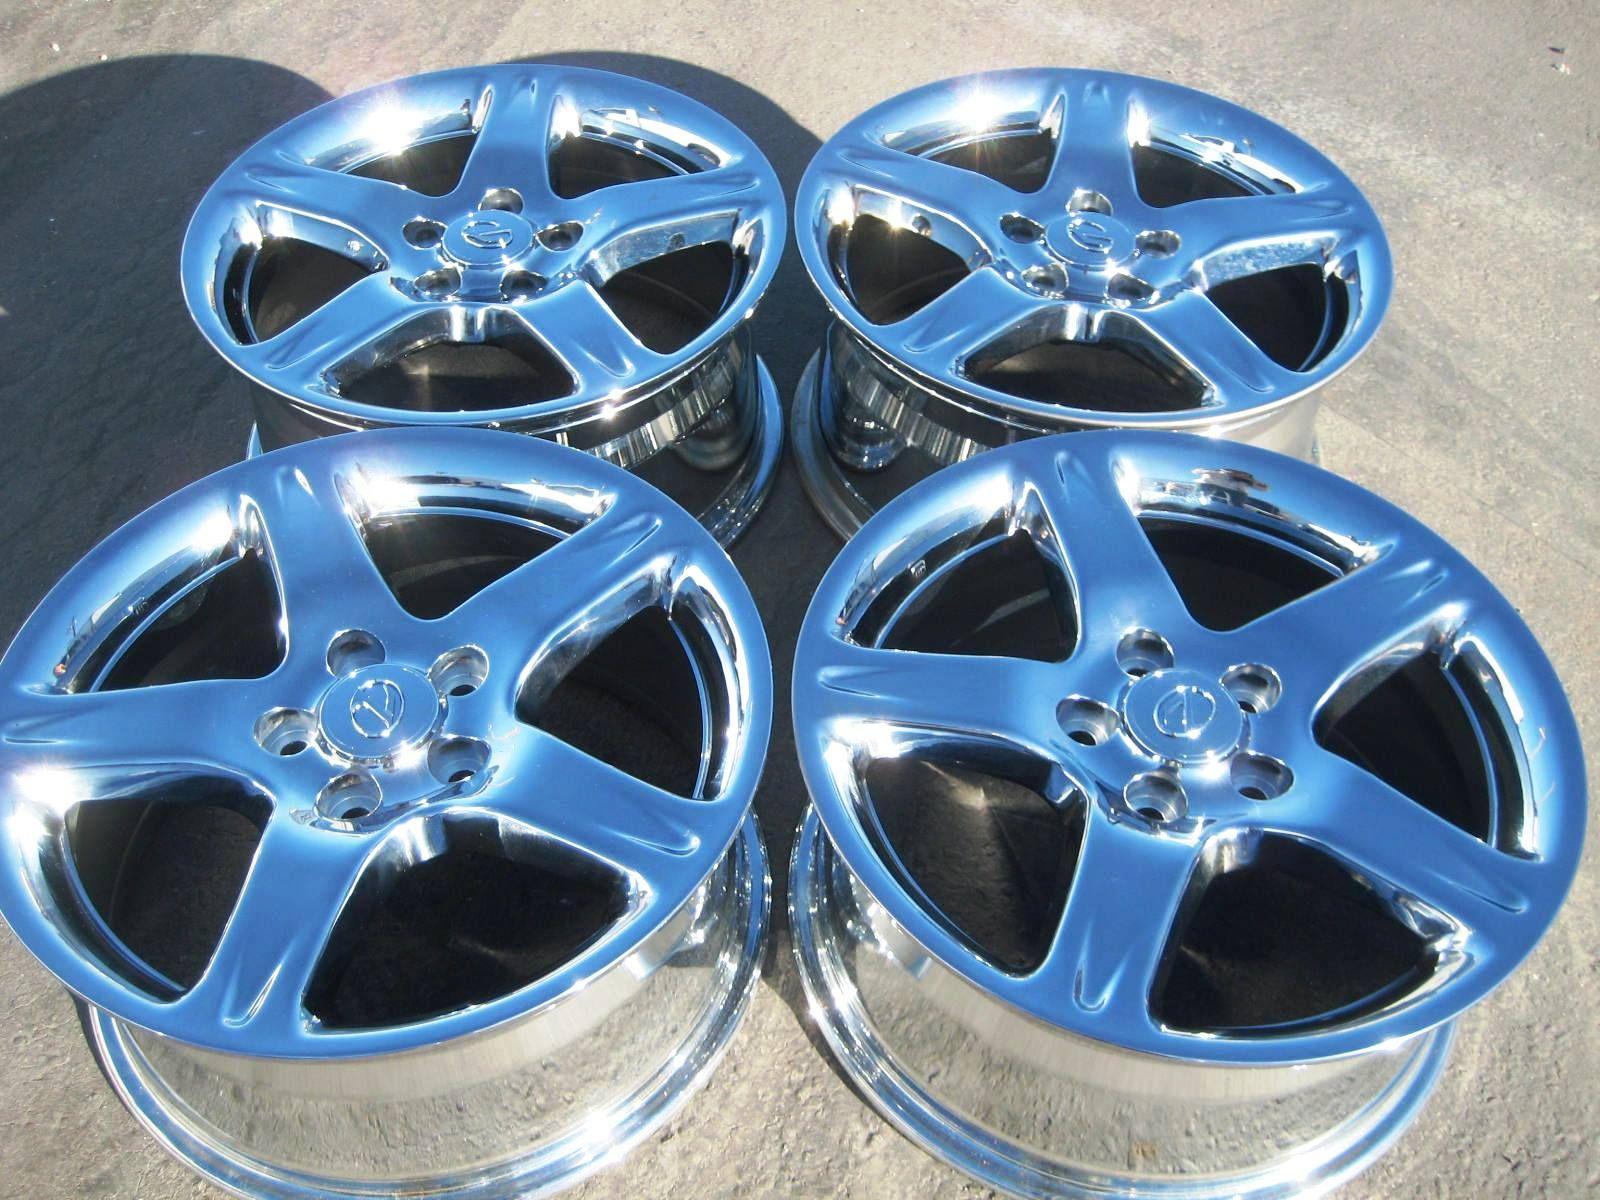 GS430 Camry GS300 IS300 ES330 ES350 Chrome Wheels Rims Set of 4